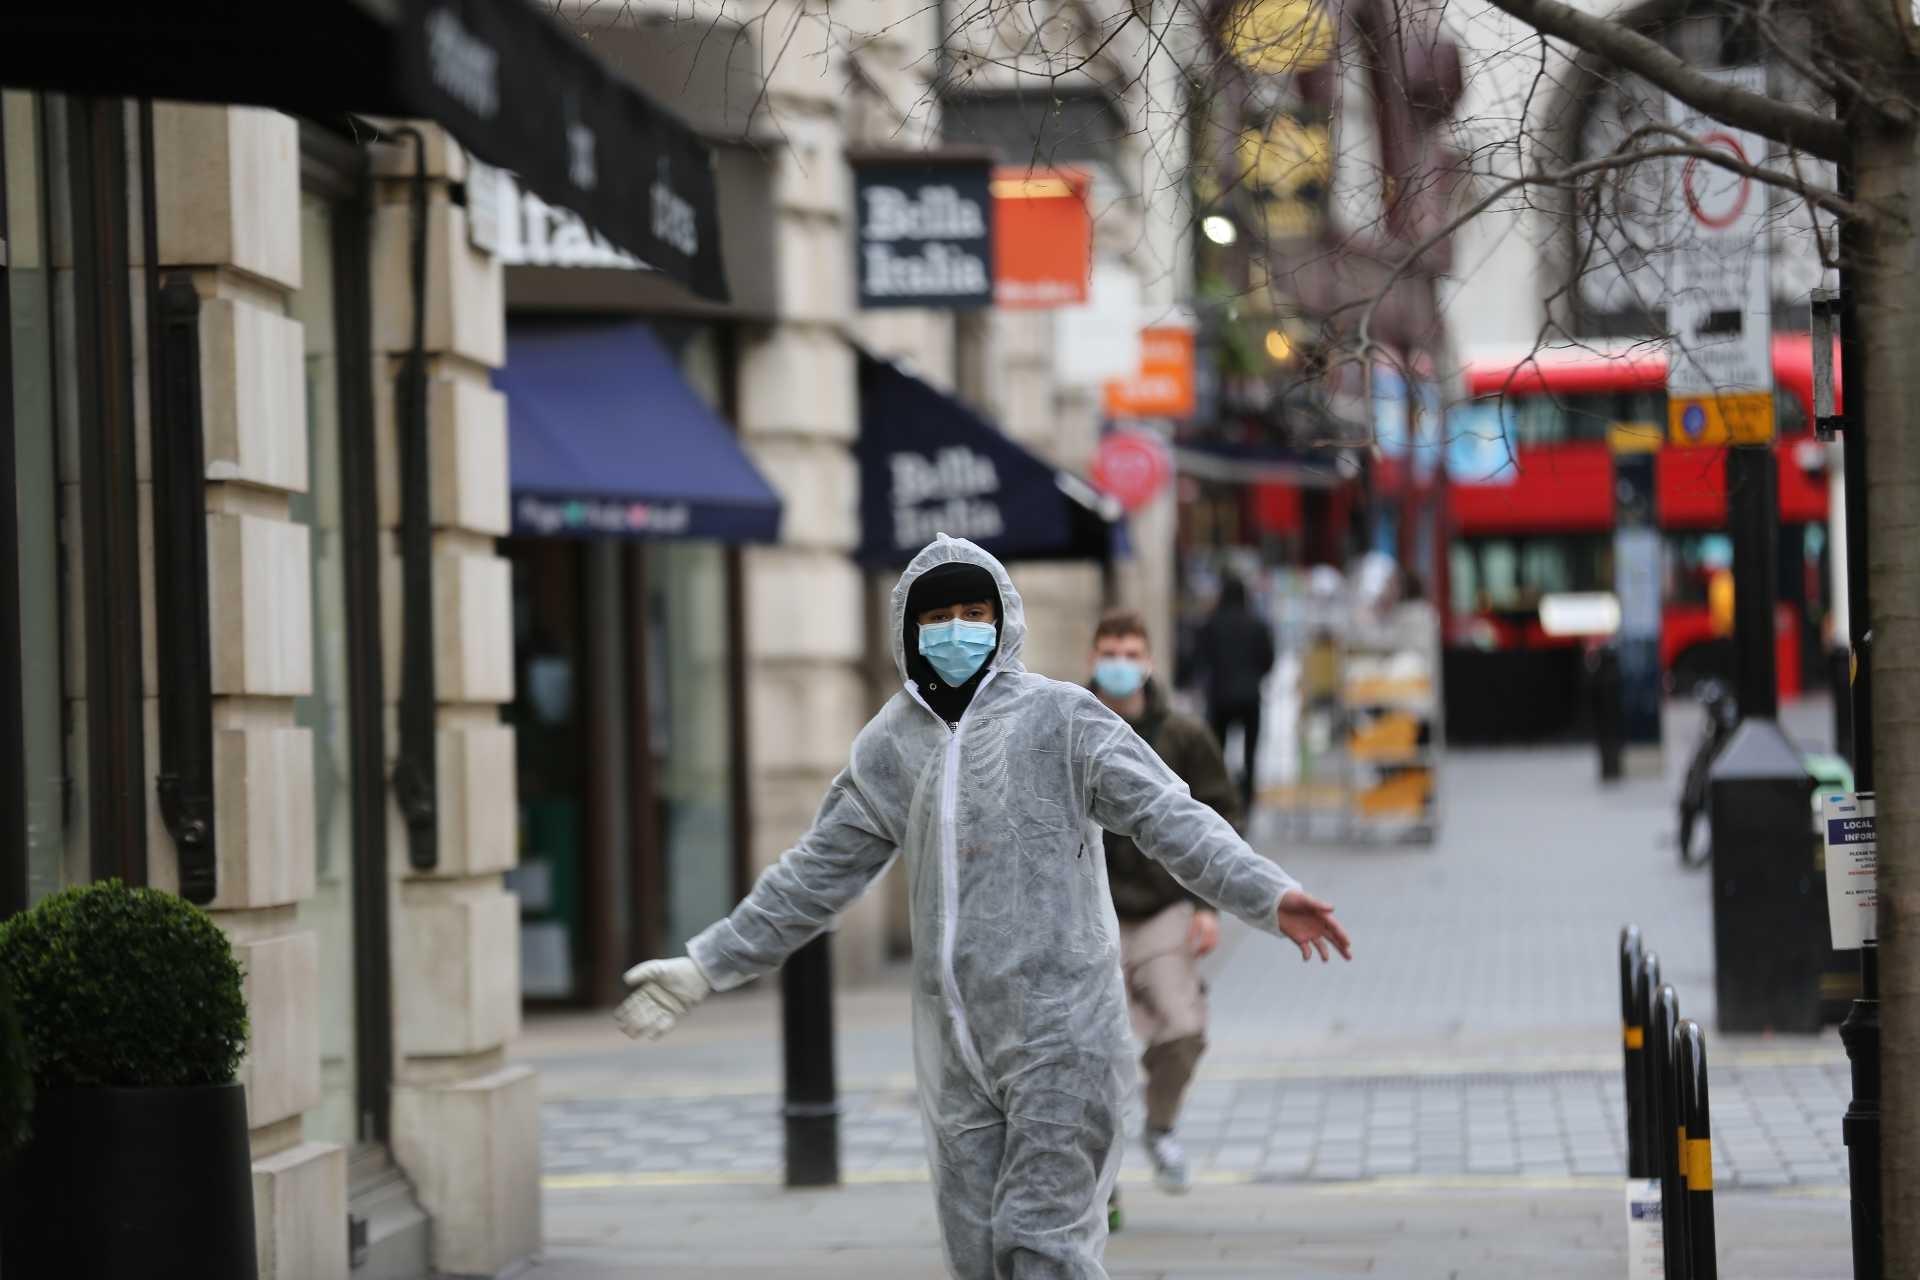 İngiltere'de koronavirüs (Kovid-19) salgını yüzünden boş caddede koruyucu giysi ve maske ile dolaşan bir erkek.